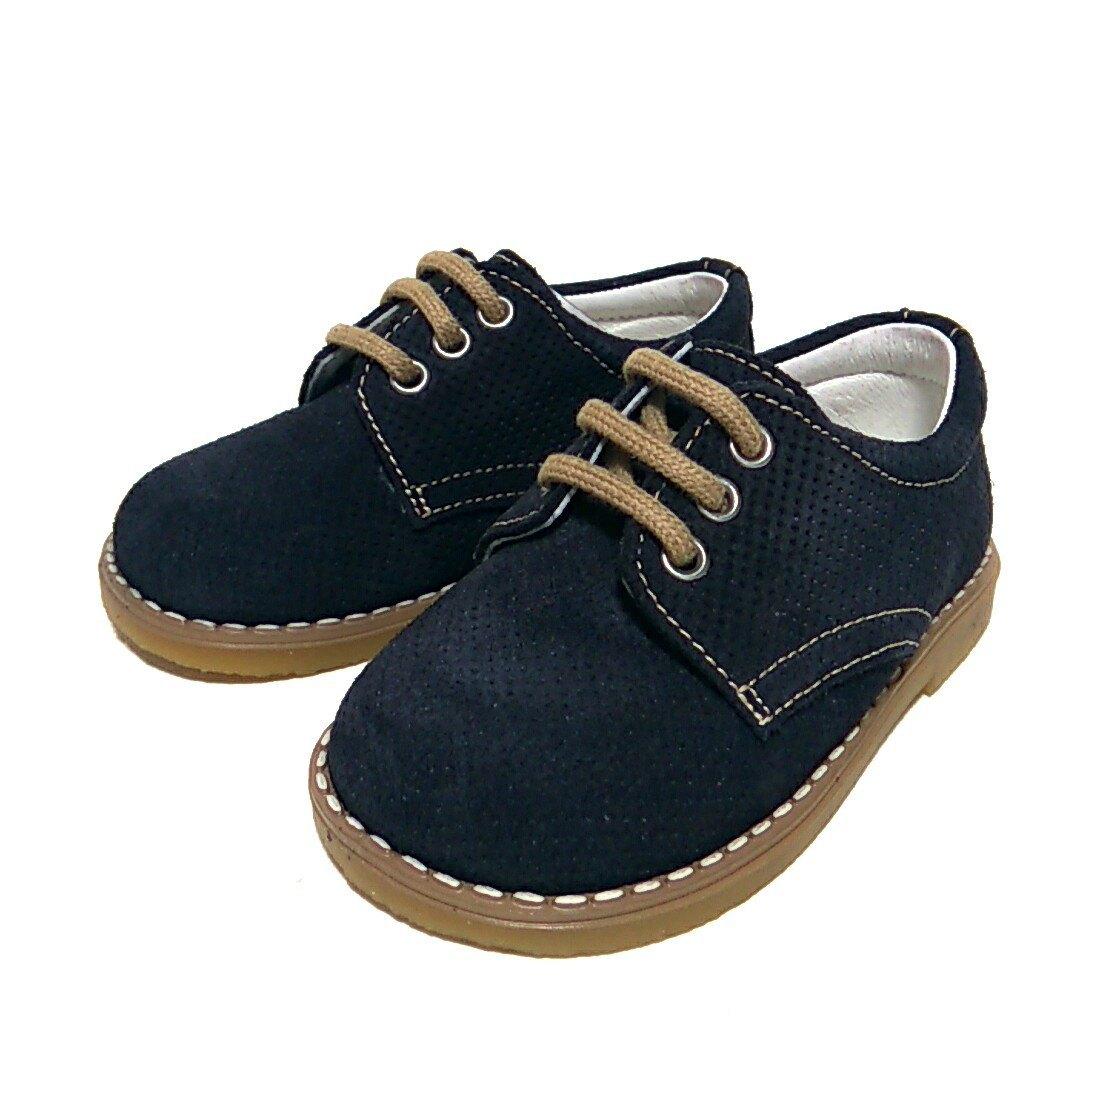 c968c083 Andanines zapato marino ante picado cordón ceremonia niño * Zapatines